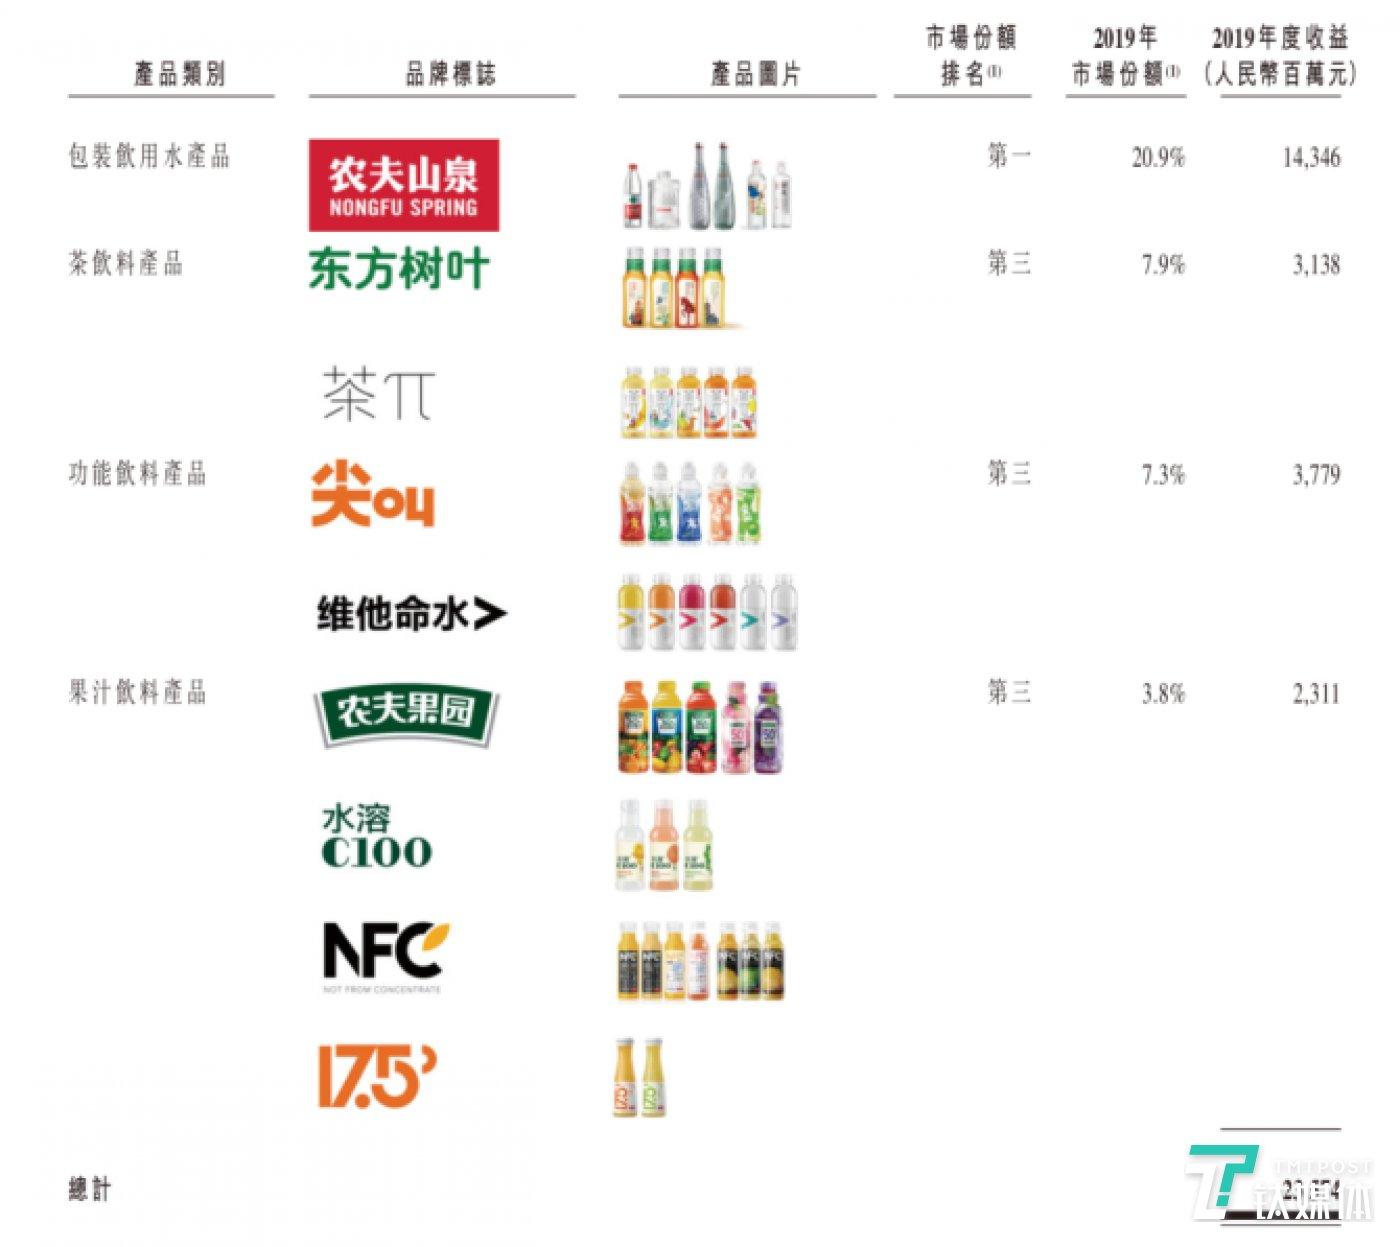 农夫山泉的饮品盈利情况(来源招股书)